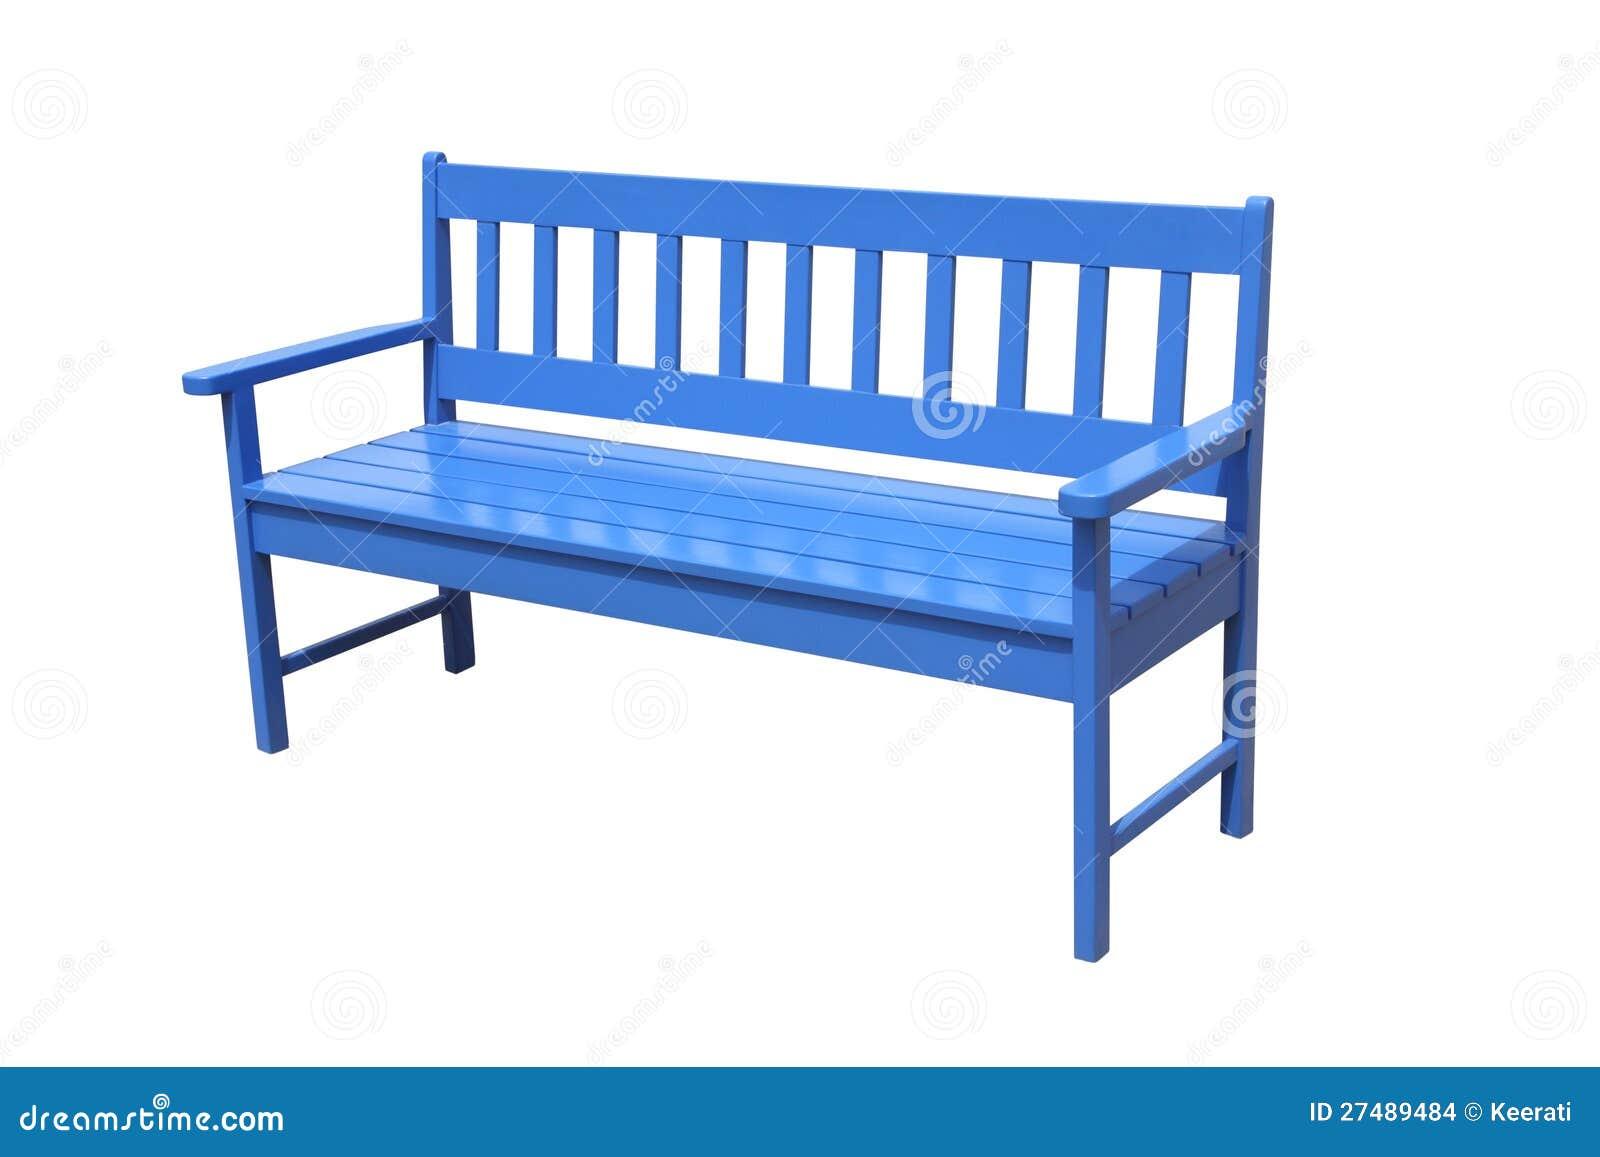 Banco de madera azul de la perspectiva imagenes de archivo imagen 27489484 - Banco de madera blanco ...